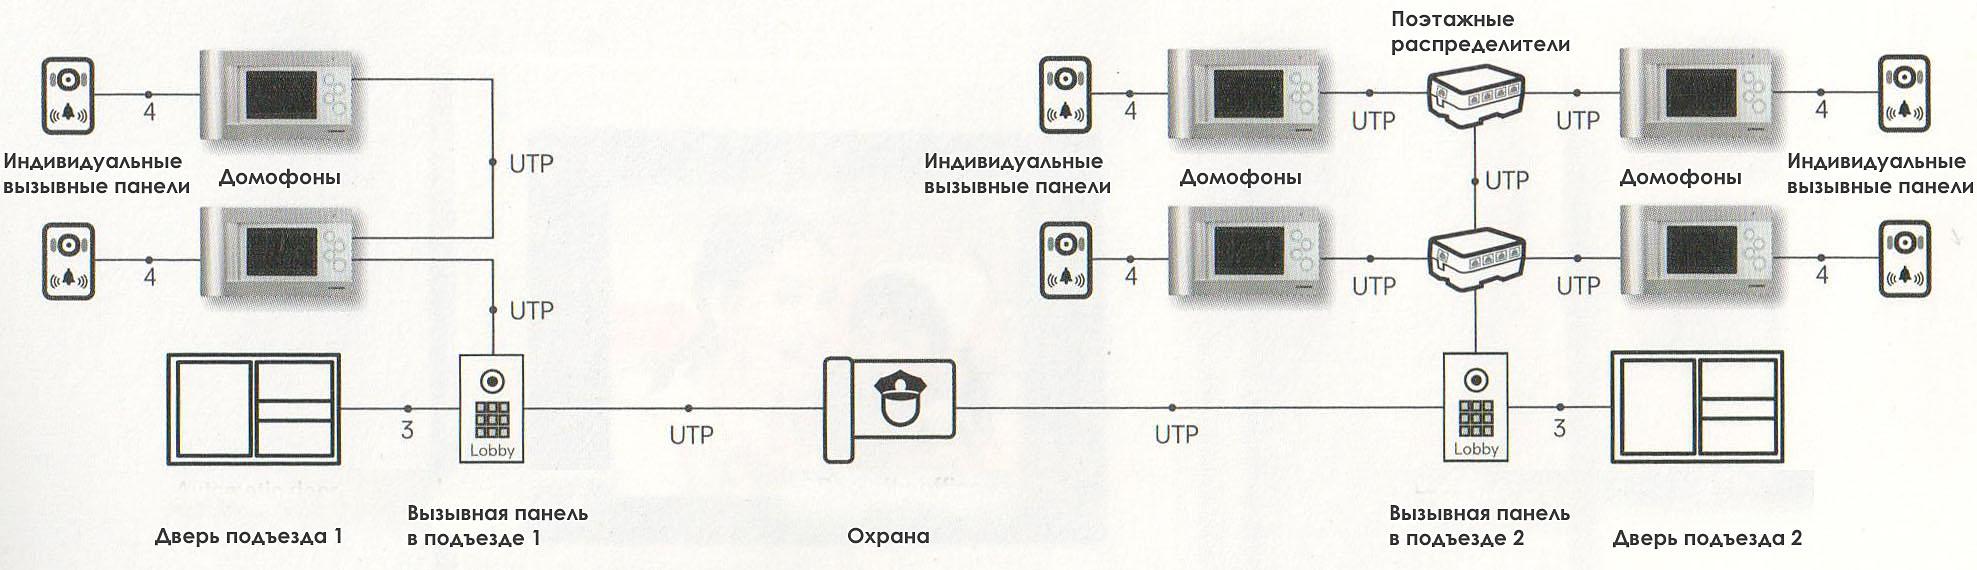 Схема подключения двух домофонов с одной вызывной панелью